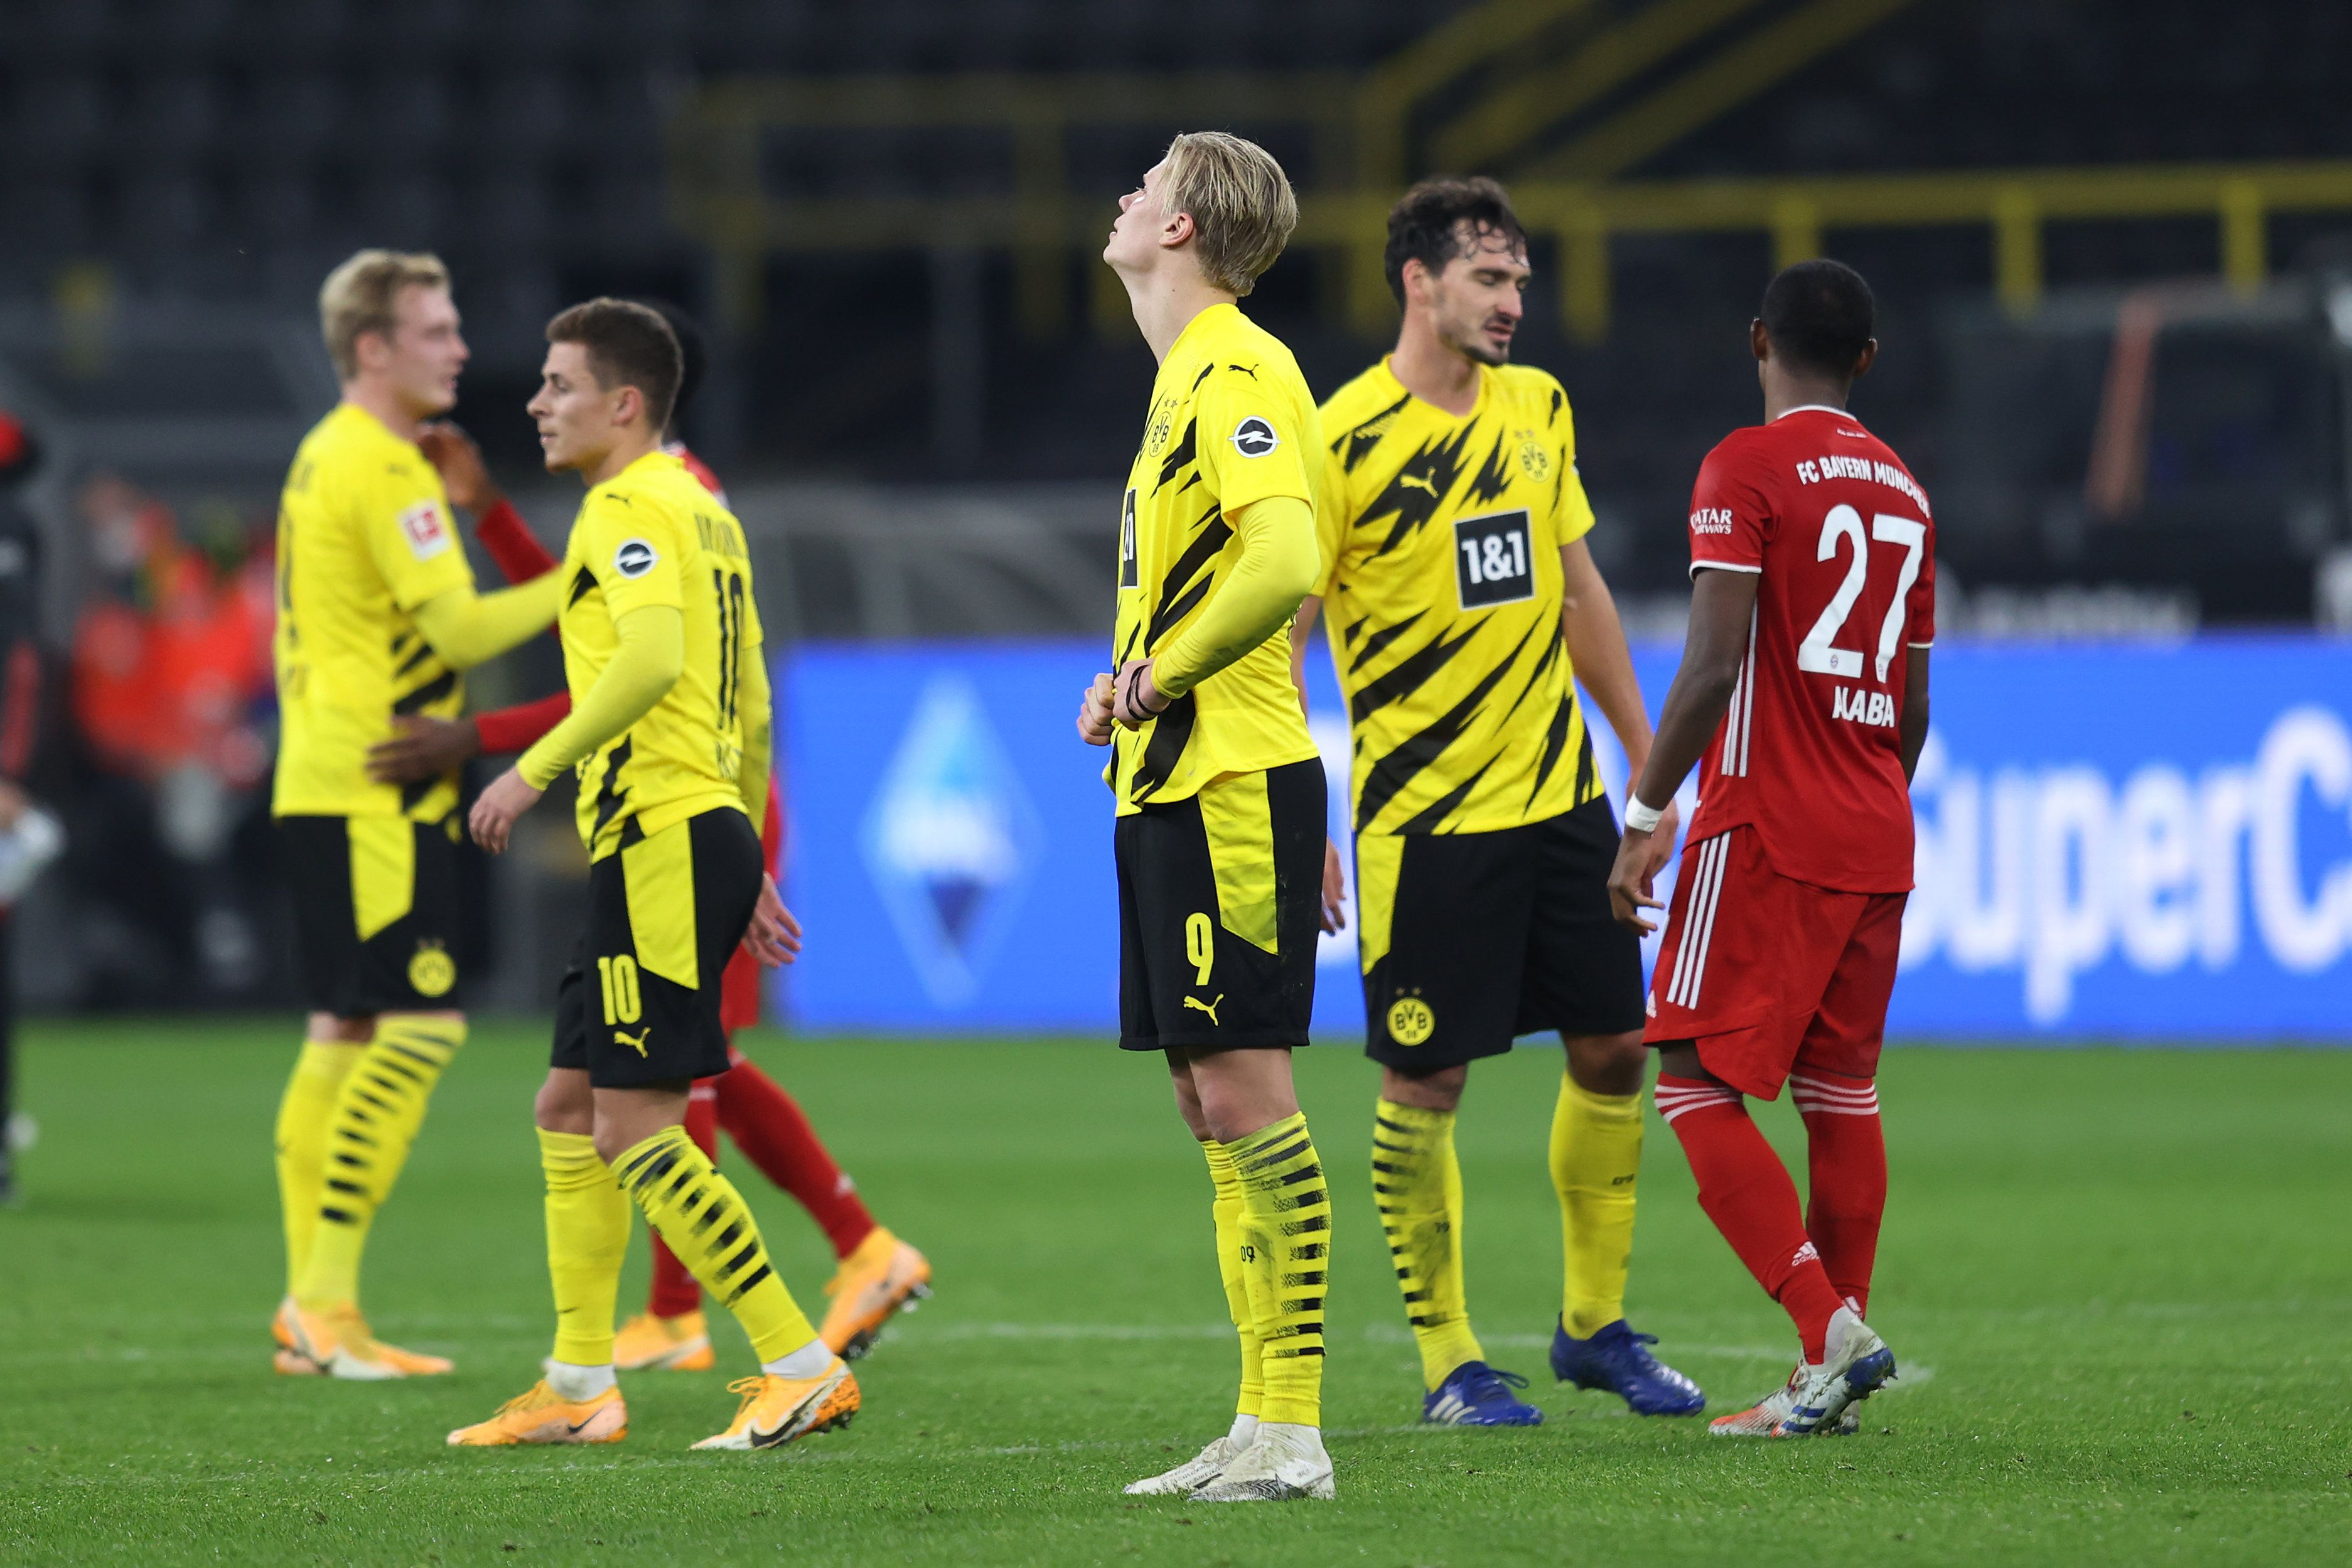 'Боруссия' Д - 'Бавария': Видеообзор главного матча выходных